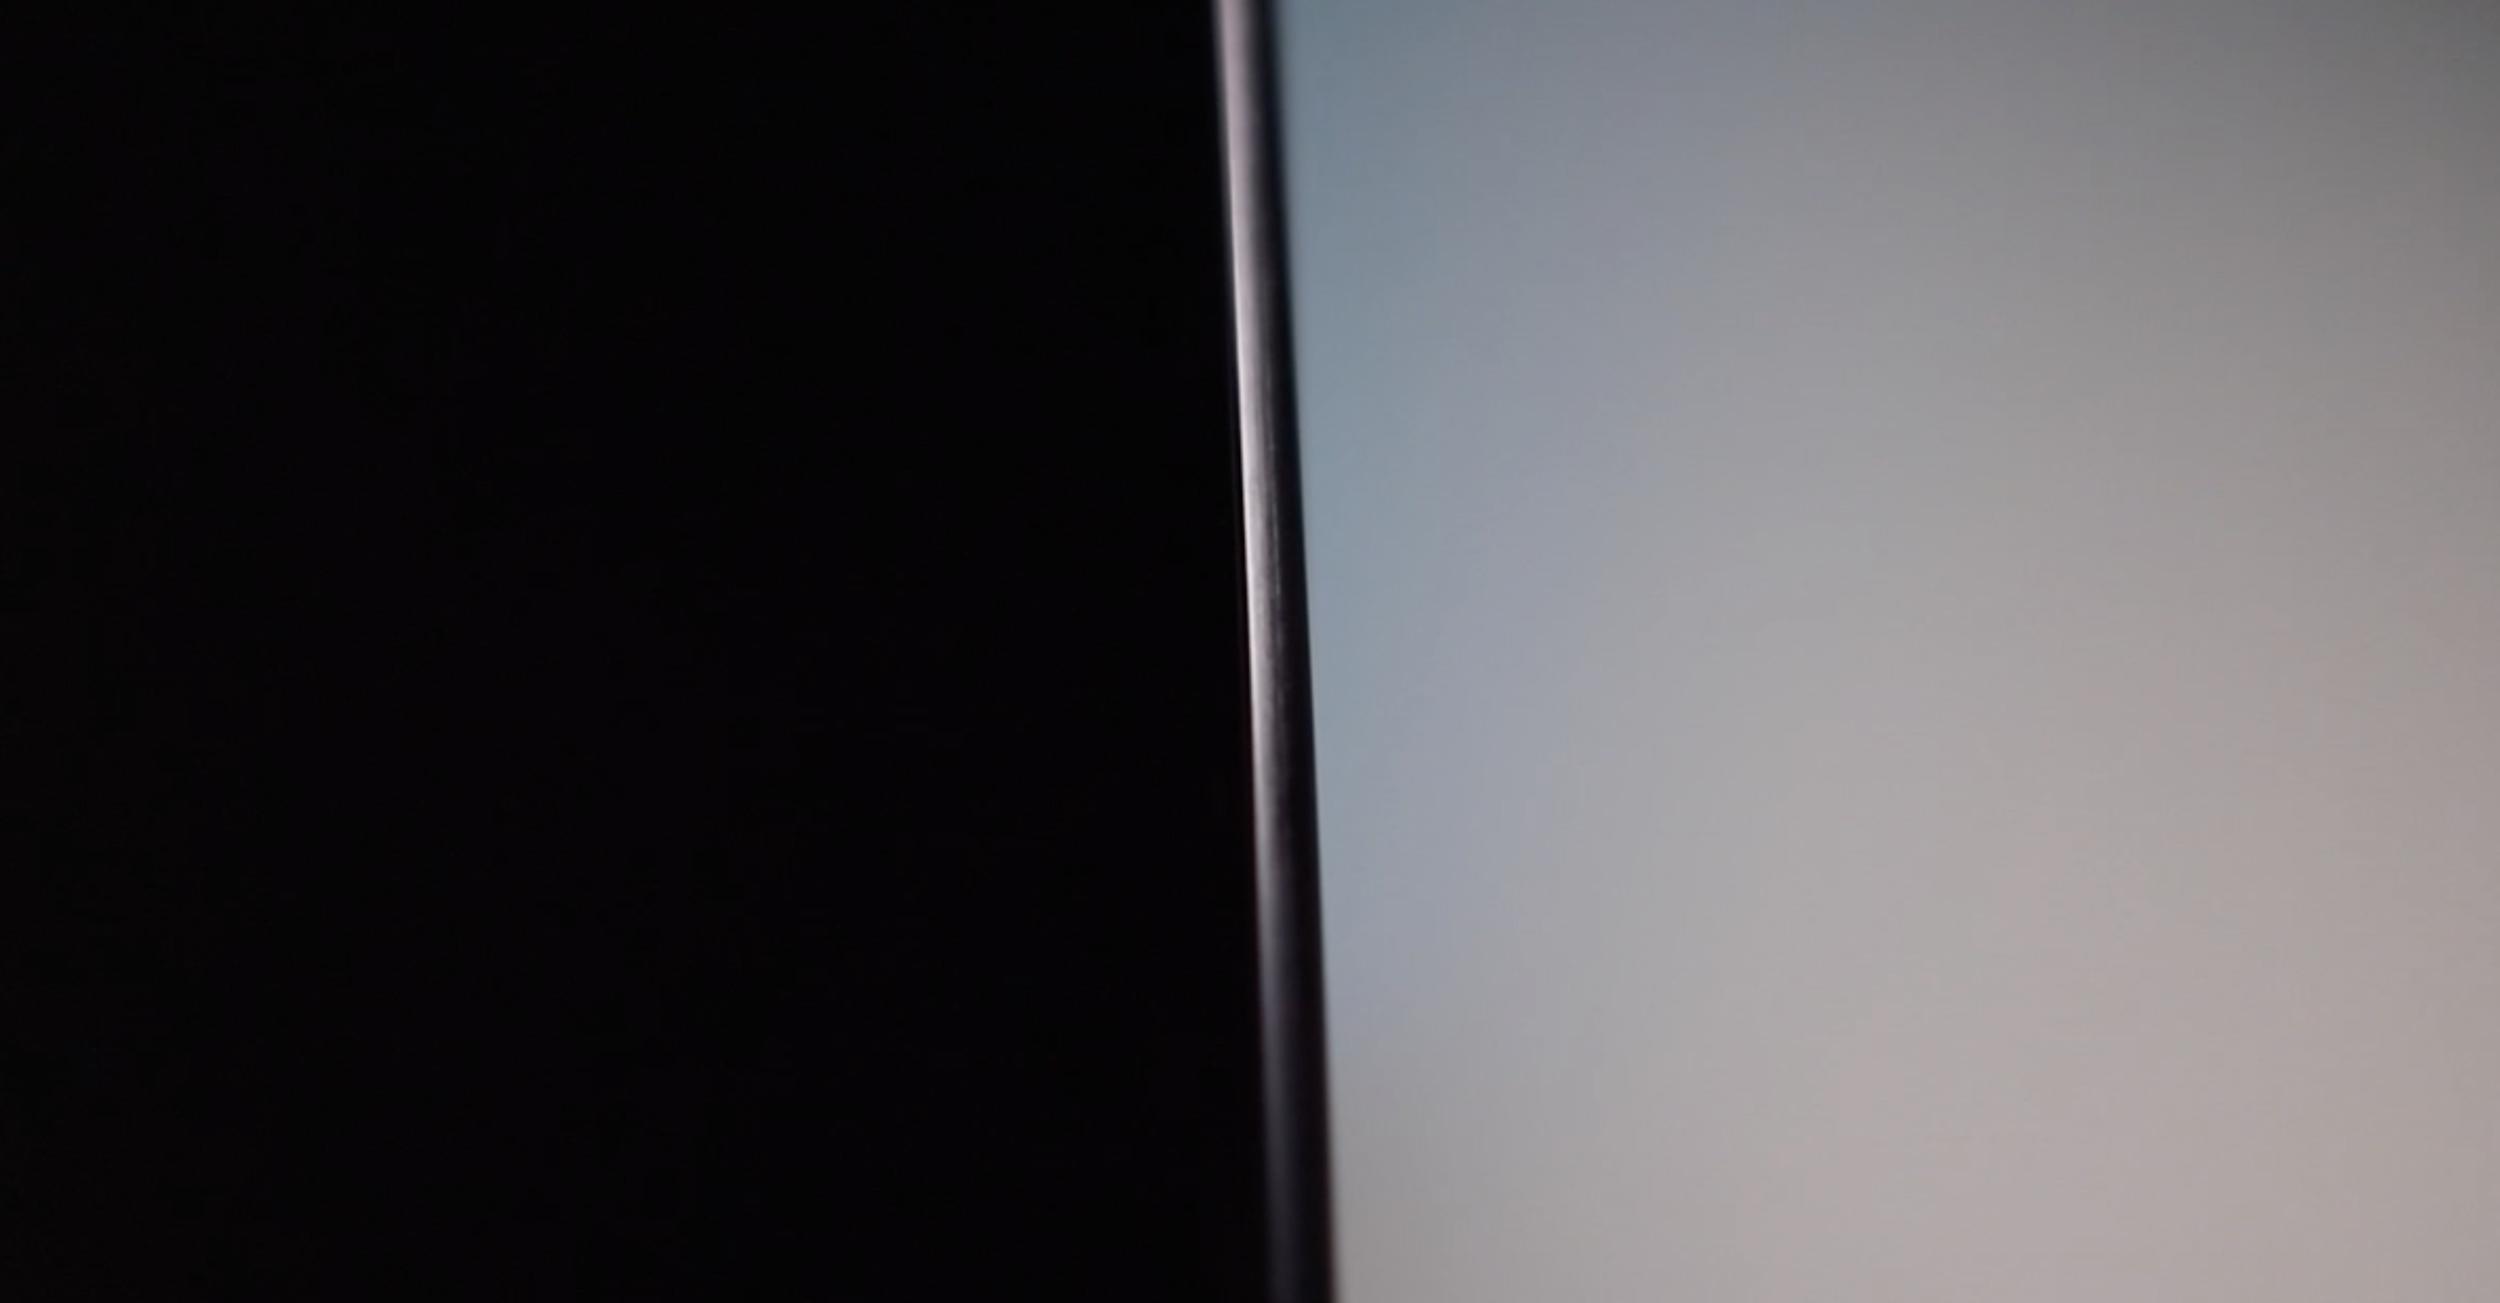 Screen Shot 2019-01-26 at 11.19.17 PM.png